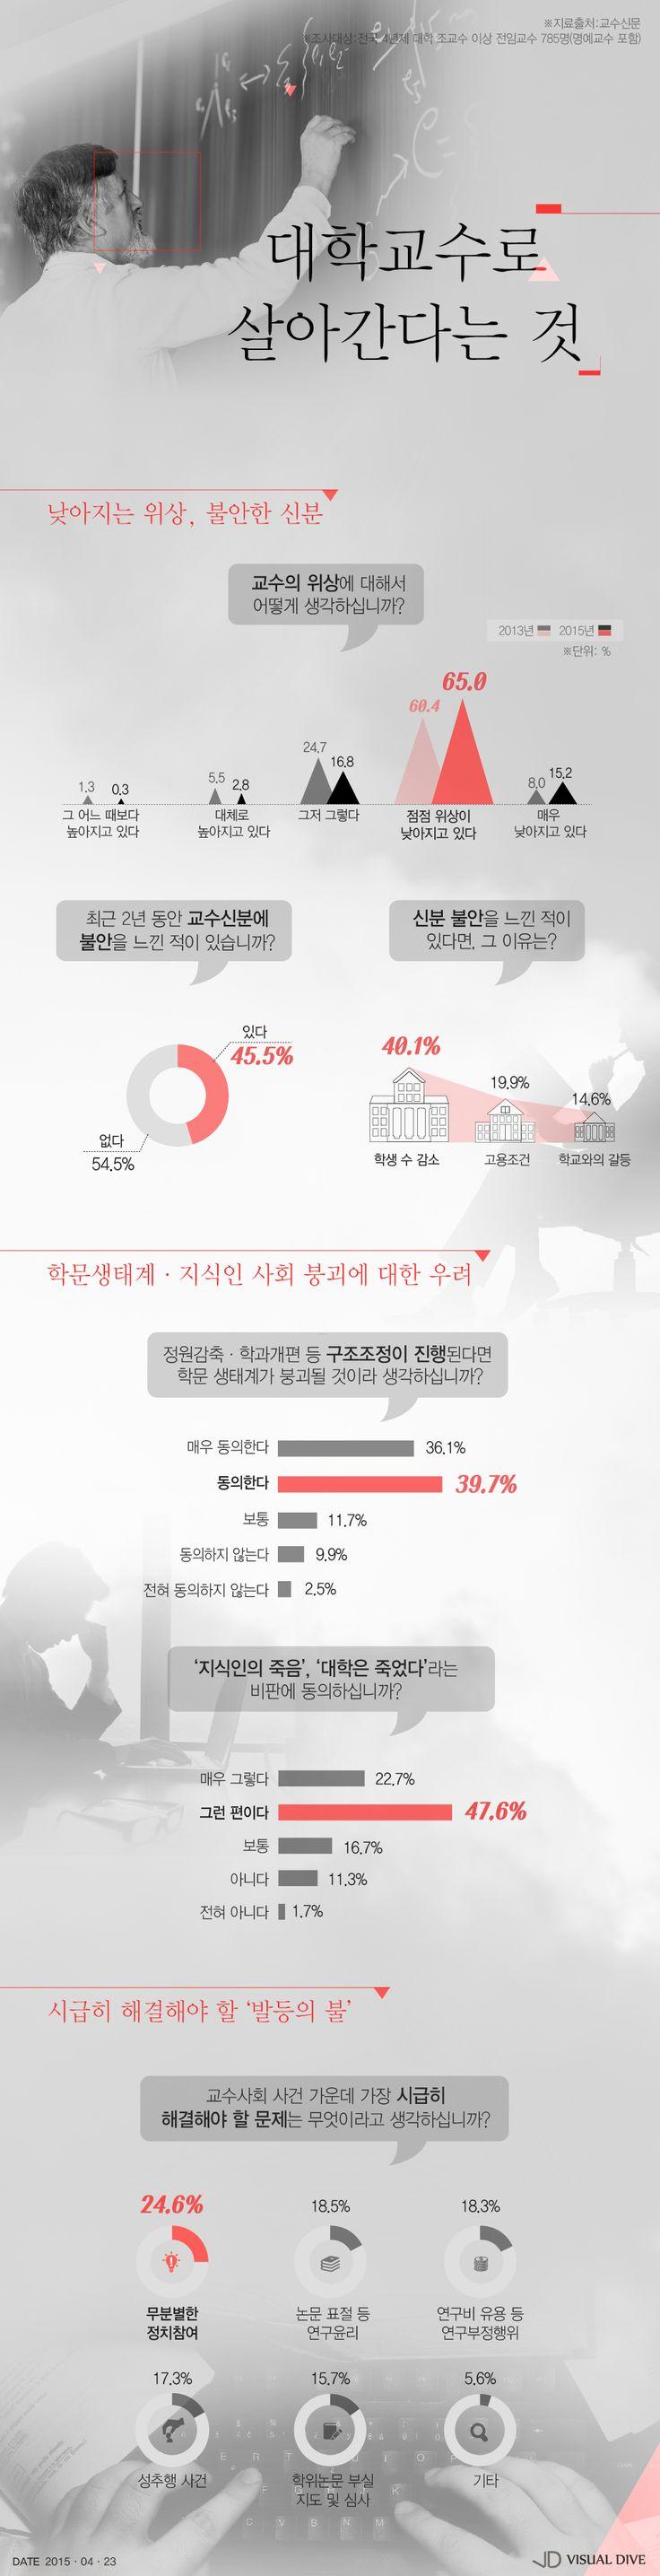 교수 70.3%, '대학은 죽었다'…교수사회의 현주소는? [인포그래픽] #professor / #Infographic ⓒ 비주얼다이브 무단 복사·전재·재배포 금지